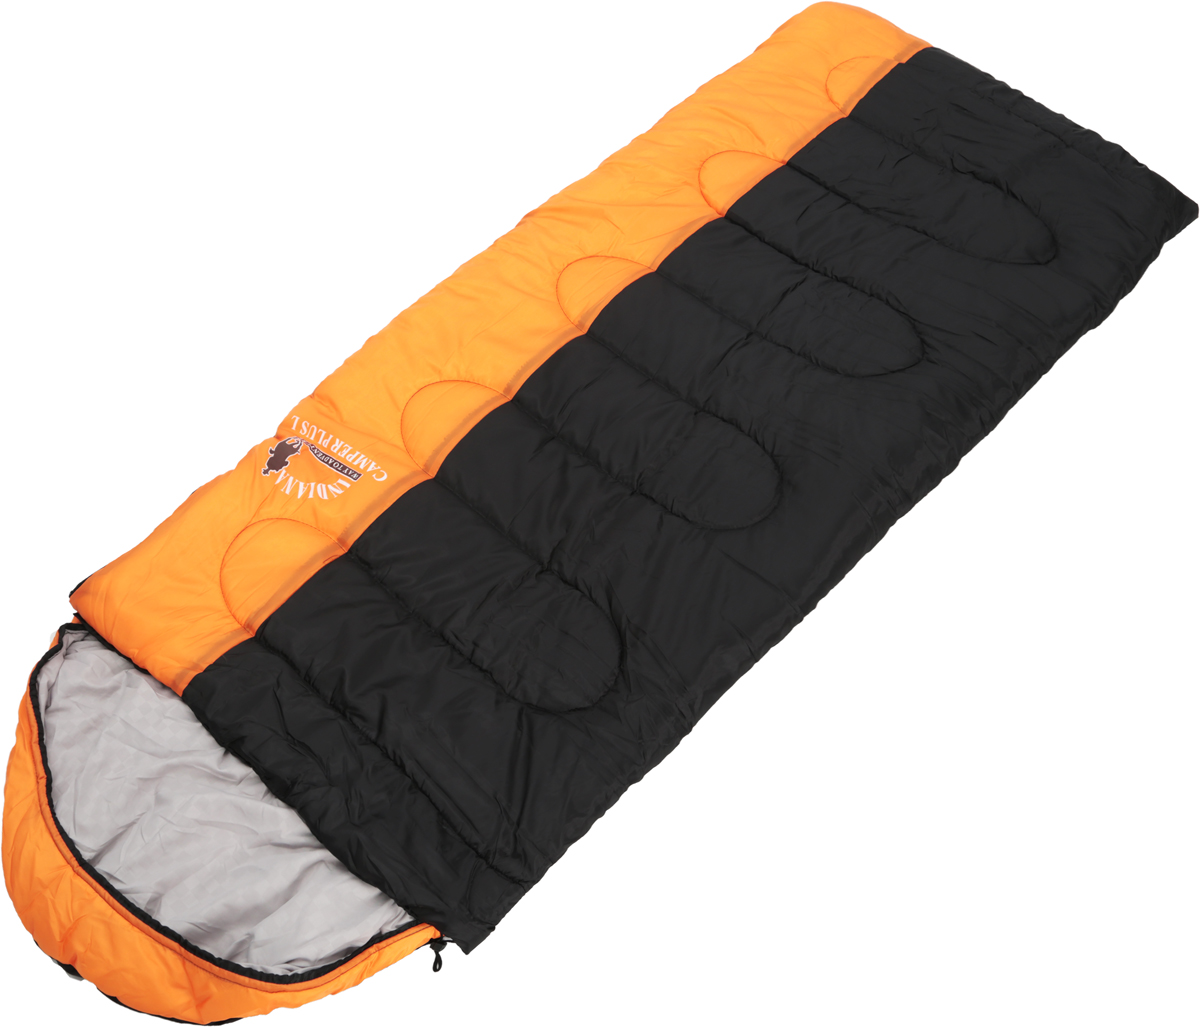 Мешок спальный Indiana Camper Plus, левосторонняя молния, цвет: оранжевый, серый, черный, 230 х 90 см360700042_оранжевый, серый, черныйСпальный мешок Indiana Camper Plus, выполненный из высококачественных материалов, предназначен для комфортного сна даже в холодное время года. Он не только убережет вас от холода, но и, благодаря увеличенным размерам, обеспечит максимально комфортные условия для вашего сна. Разъемная молния позволяет состыковать два спальника в один большой.